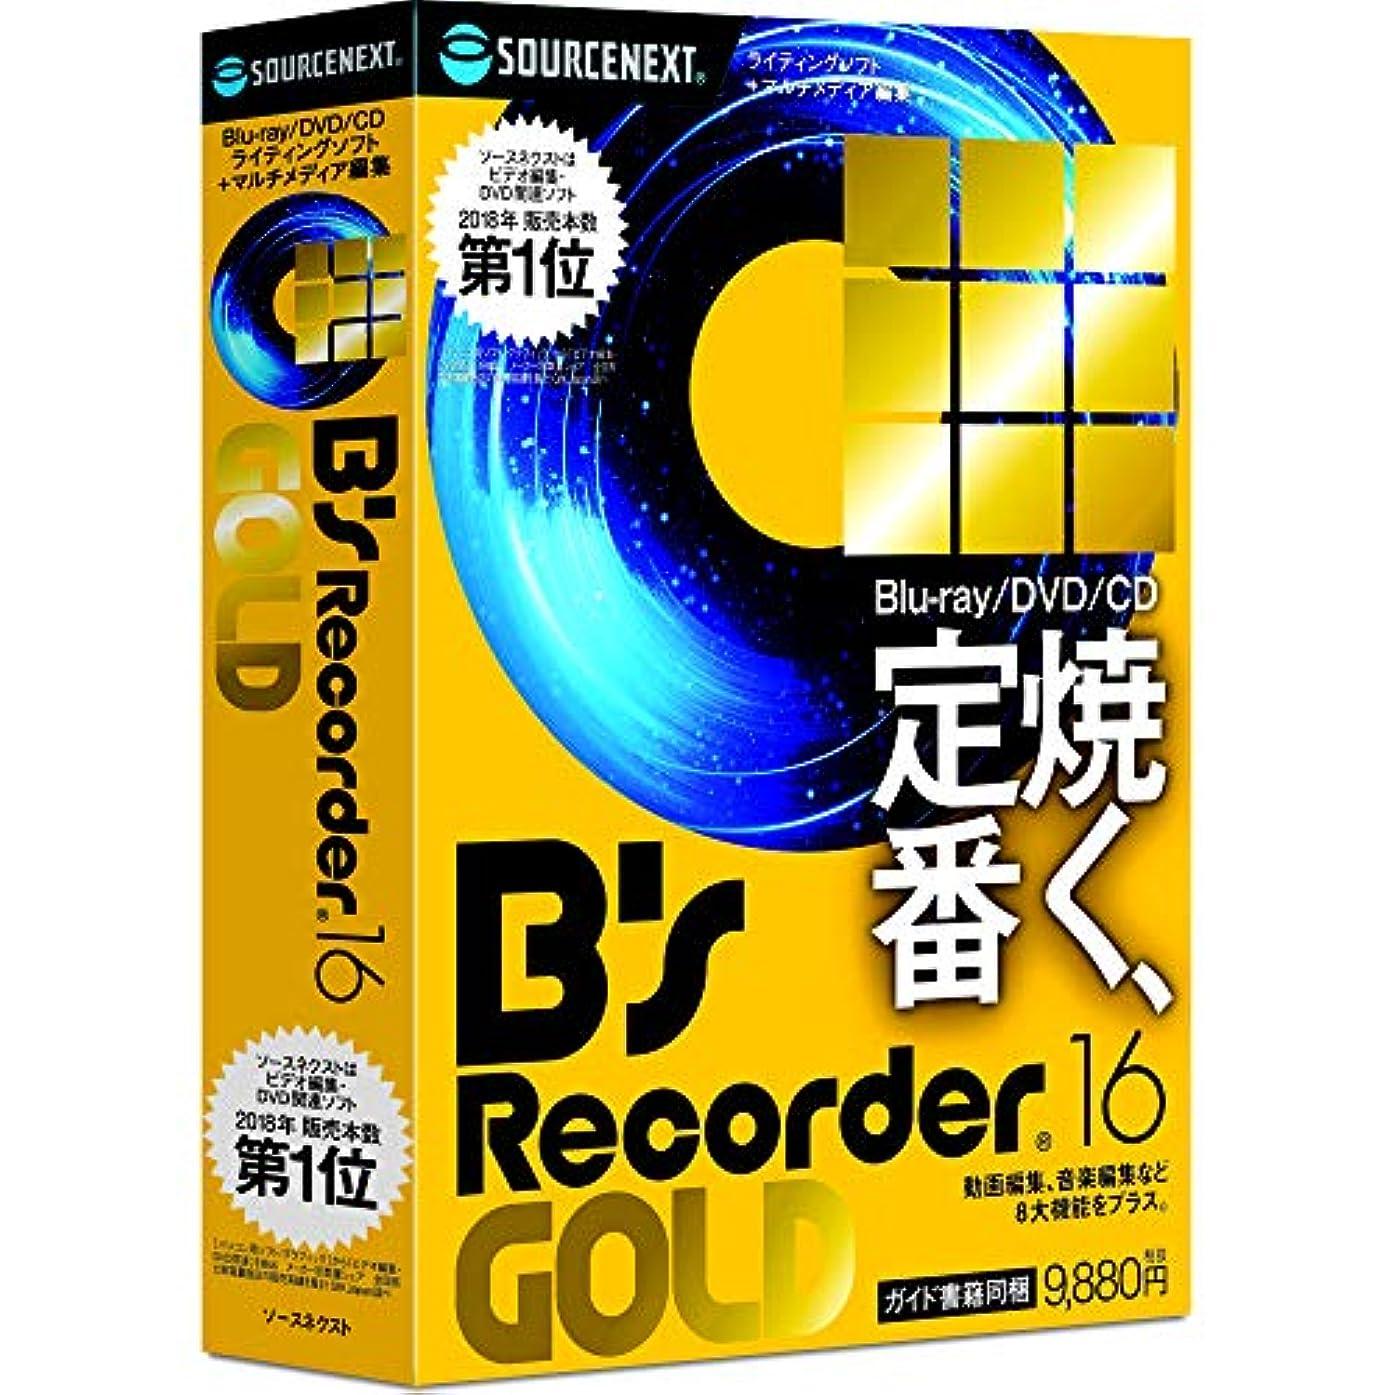 トレイルぼんやりしたにやにやB's Recorder GOLD16(最新)|Win対応